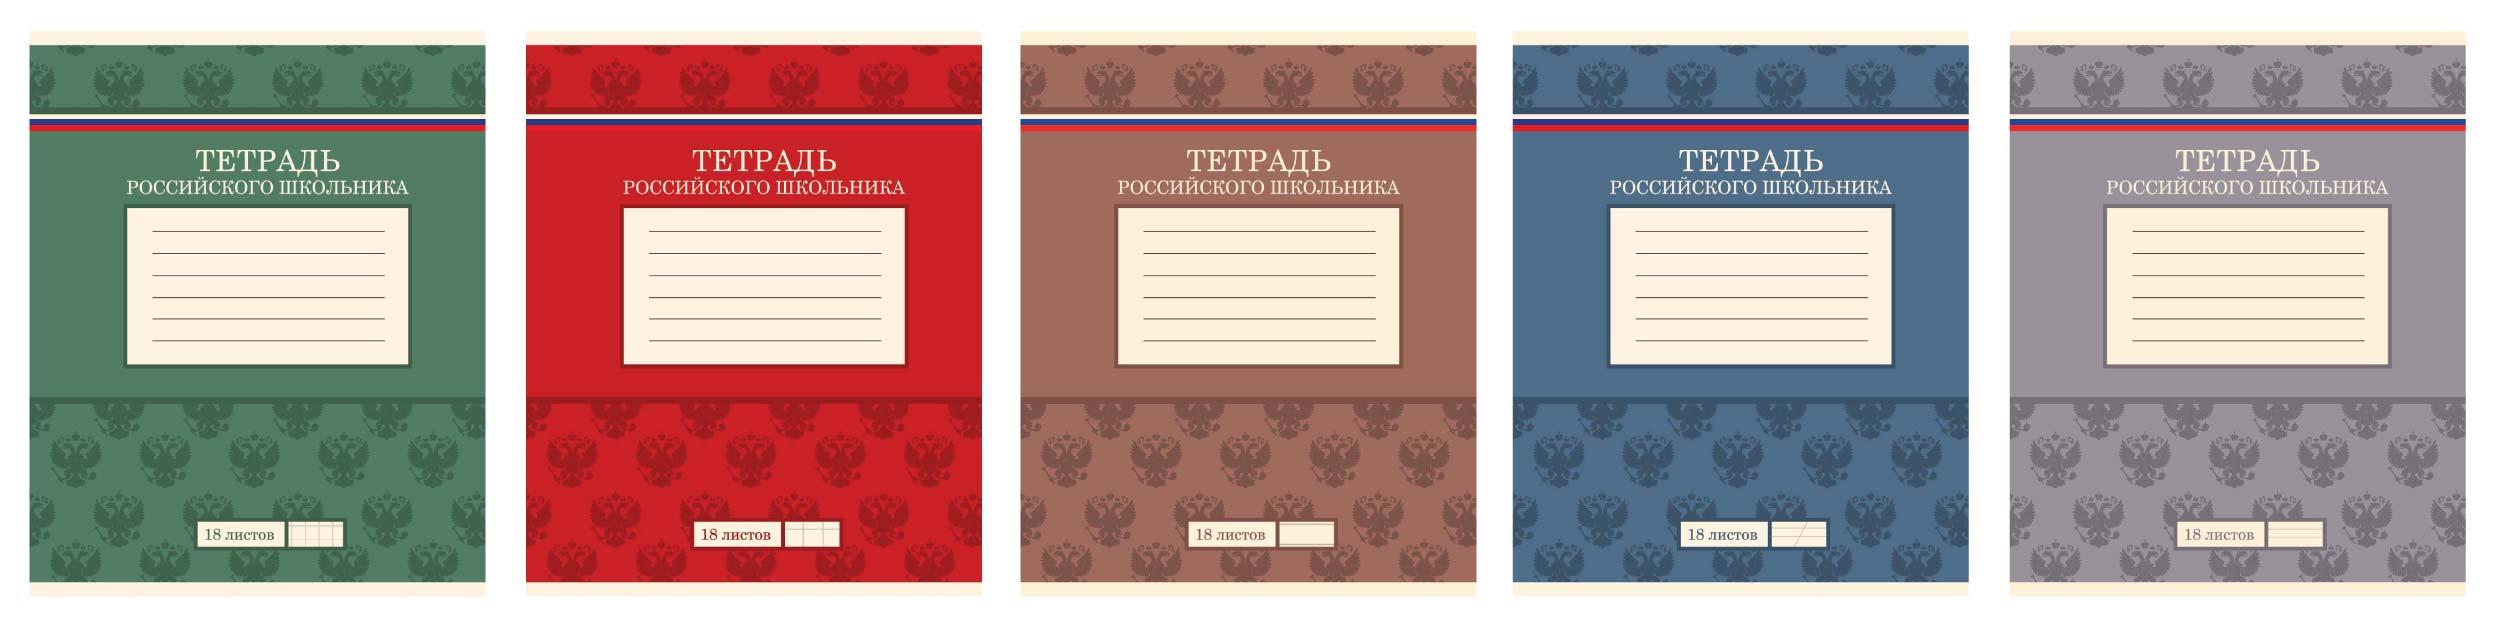 Тетрадь 18л клетка Тетрадь российского школьника